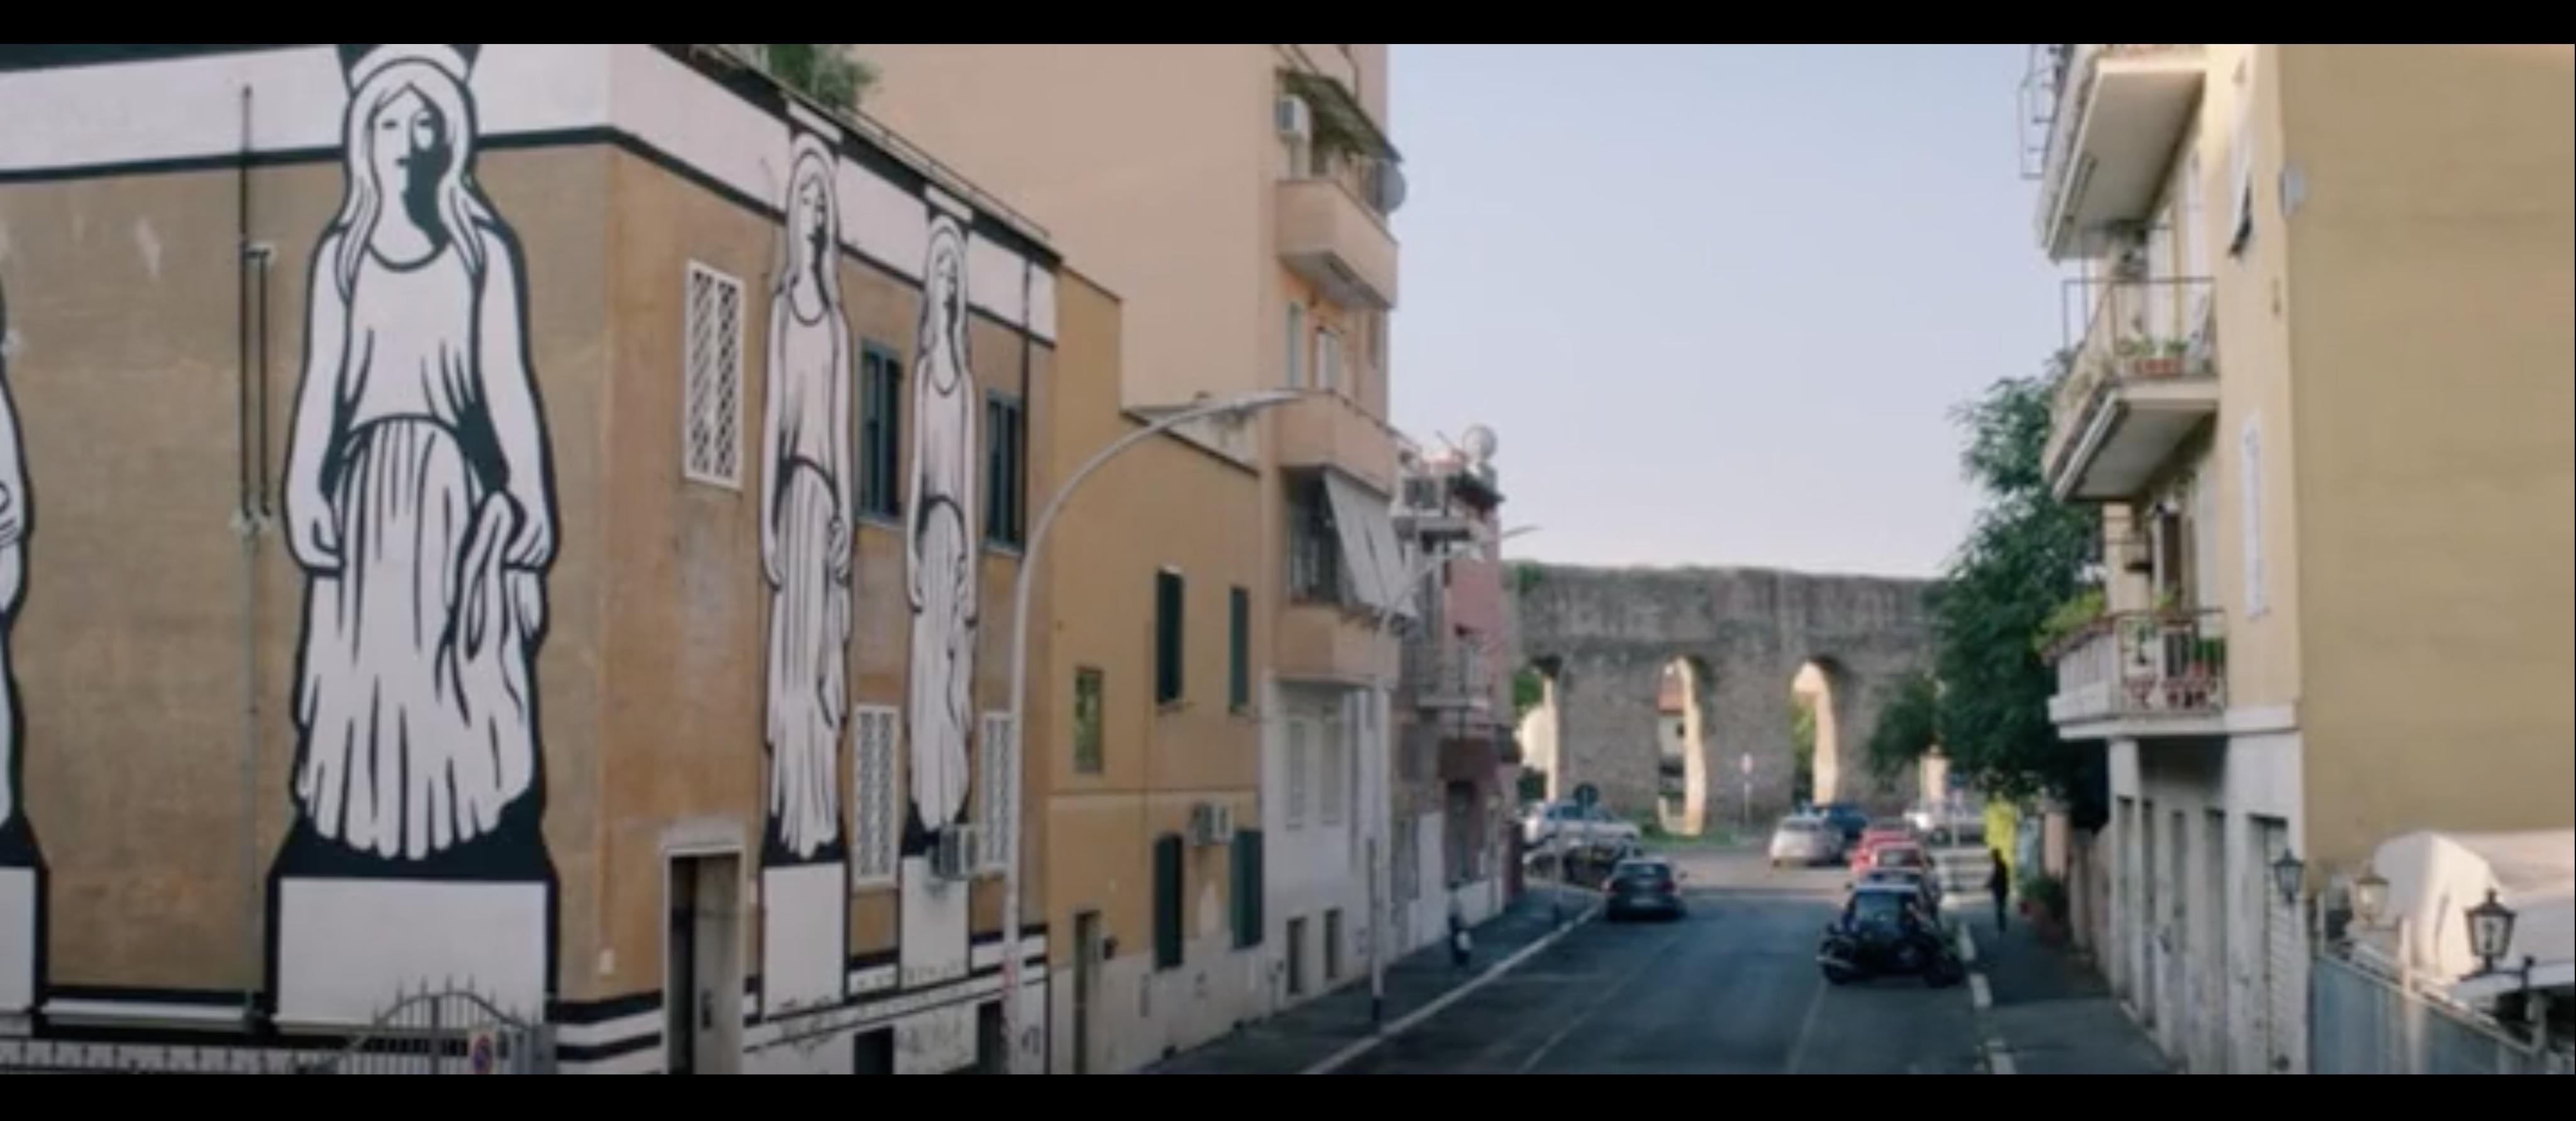 L'Acquedotto Alessandrino, visto da via Amedeo Cencelli